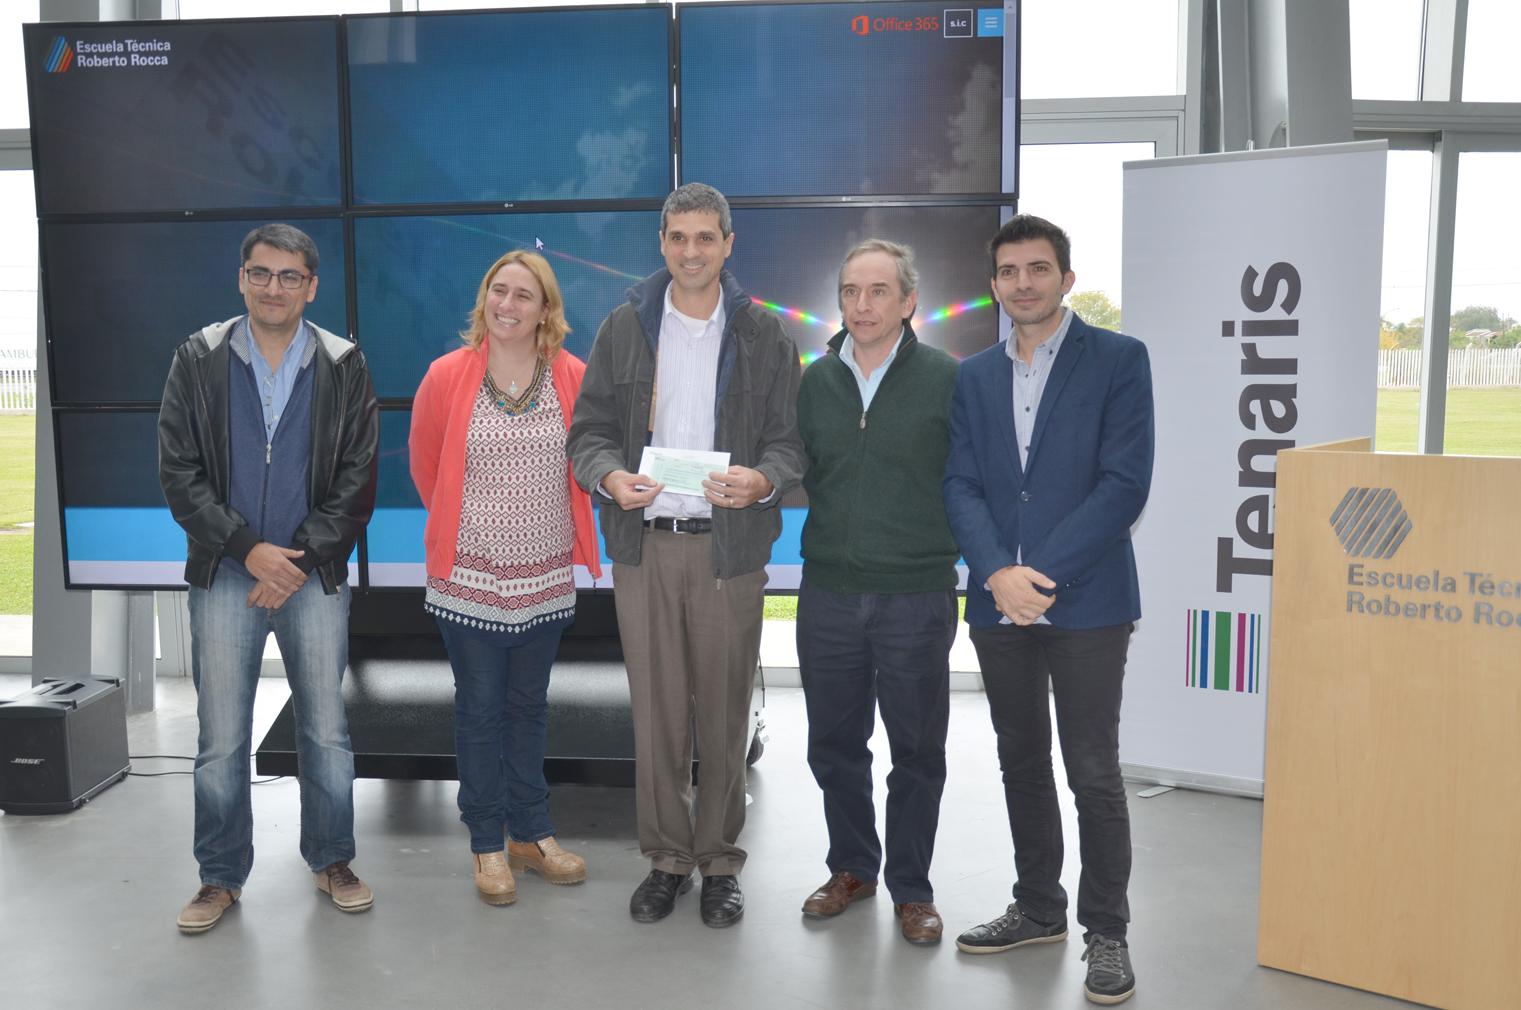 Instituciones educativas de Campana recibieron donaciones correspondientes en crédito fiscal